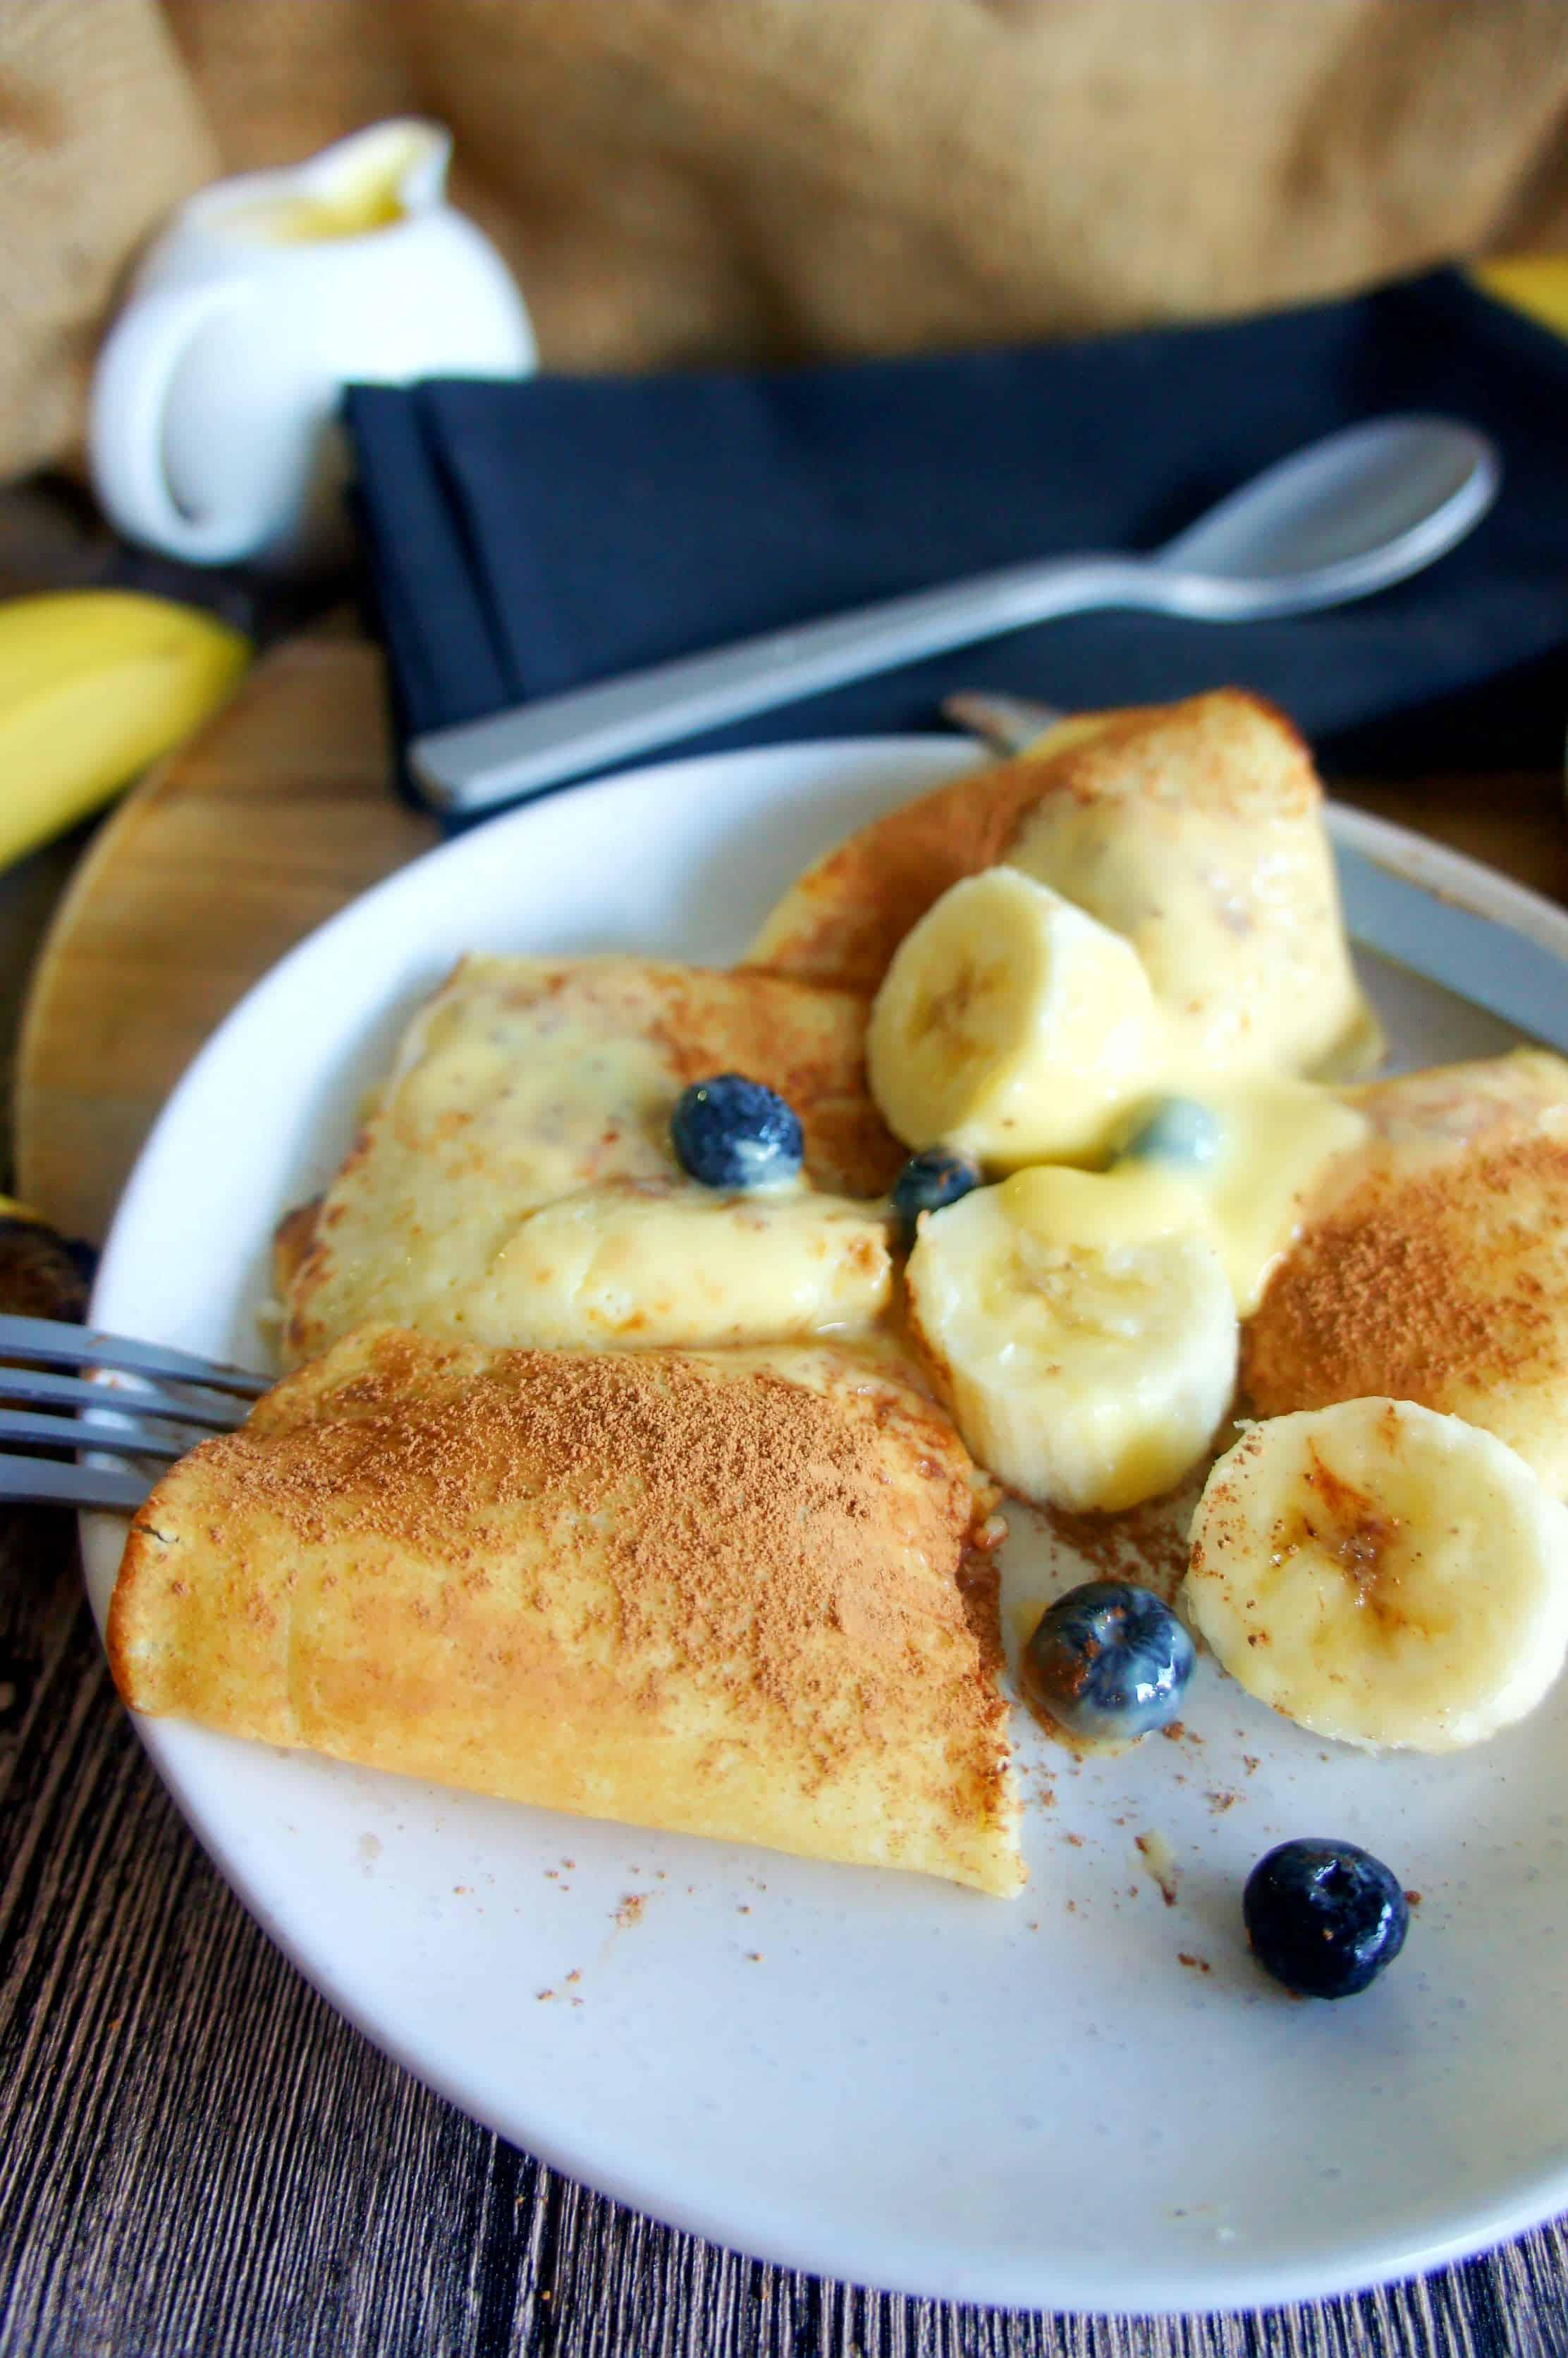 Blueberry and banana crepes 3 - Sweet Caramel Sunday